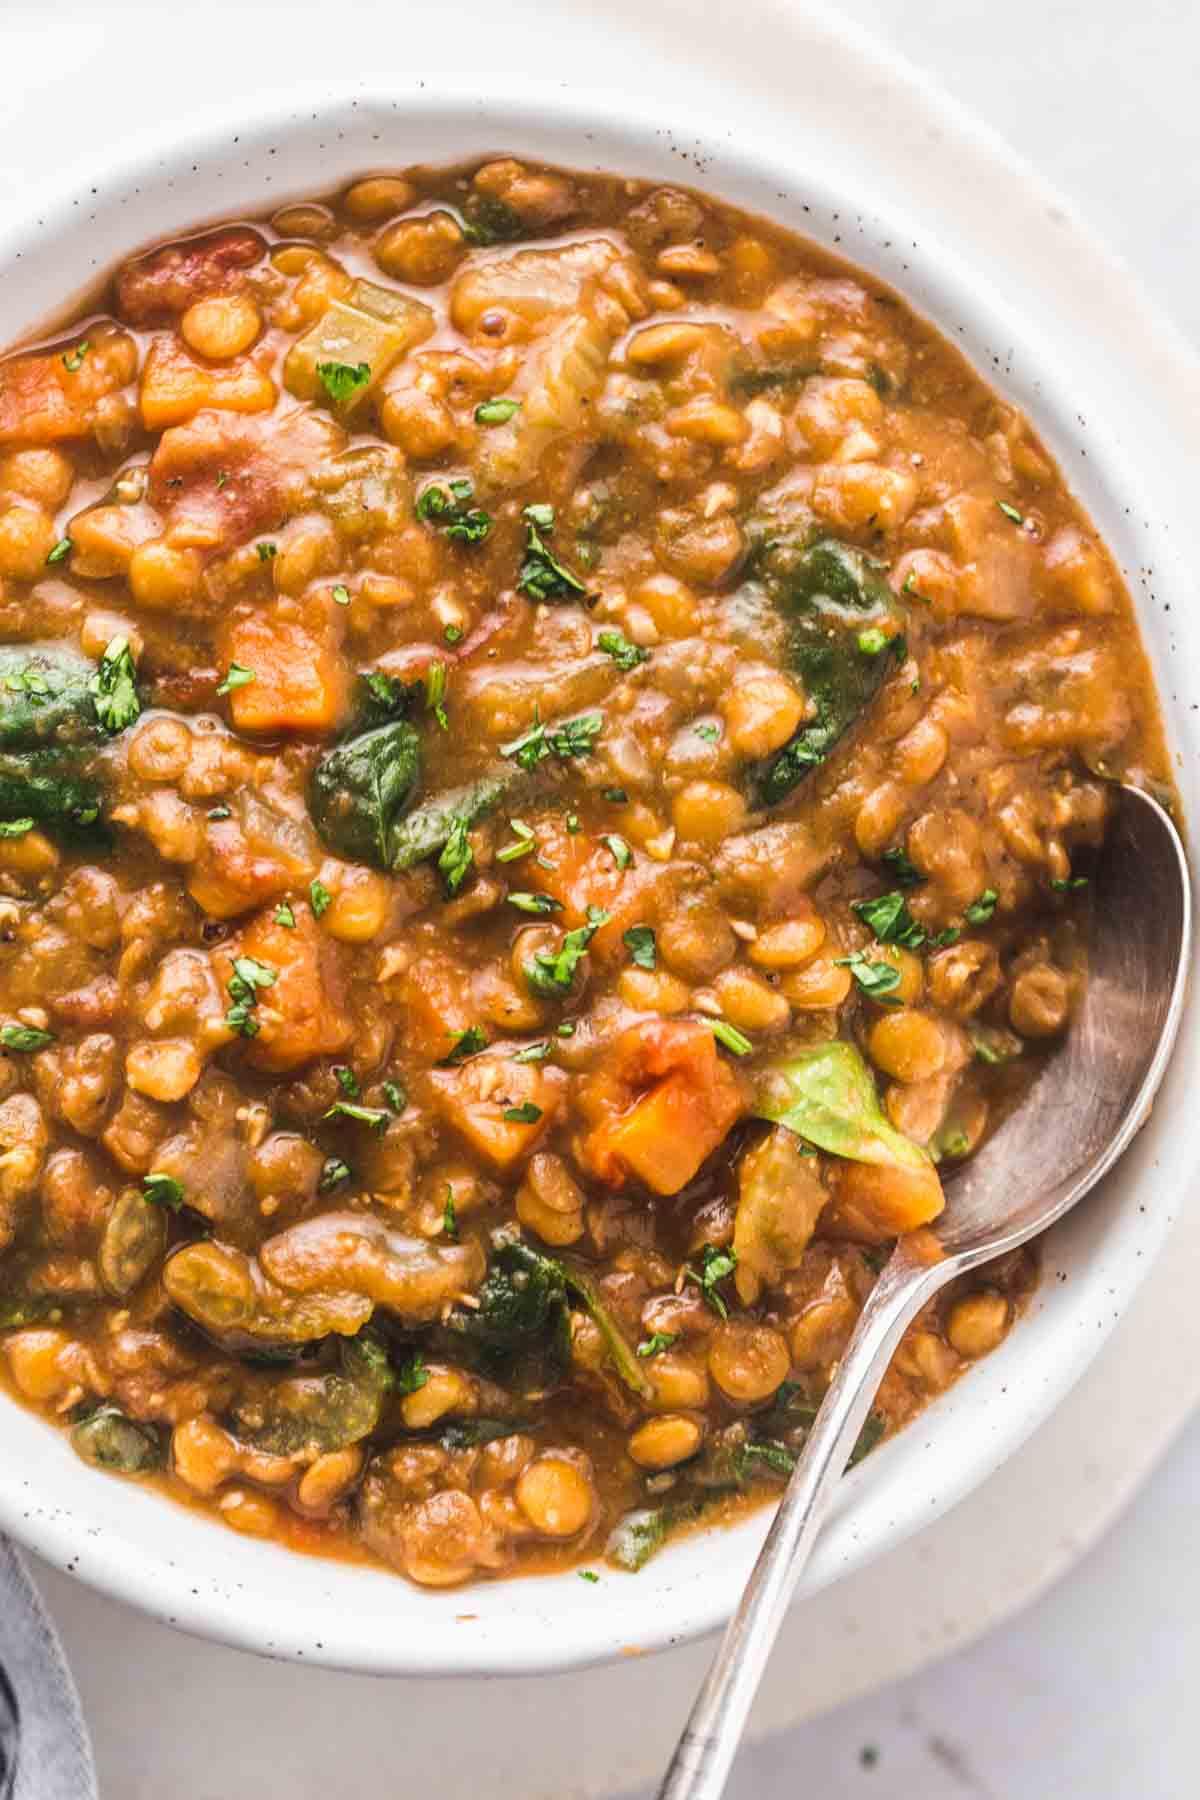 A close up of the lentil soup